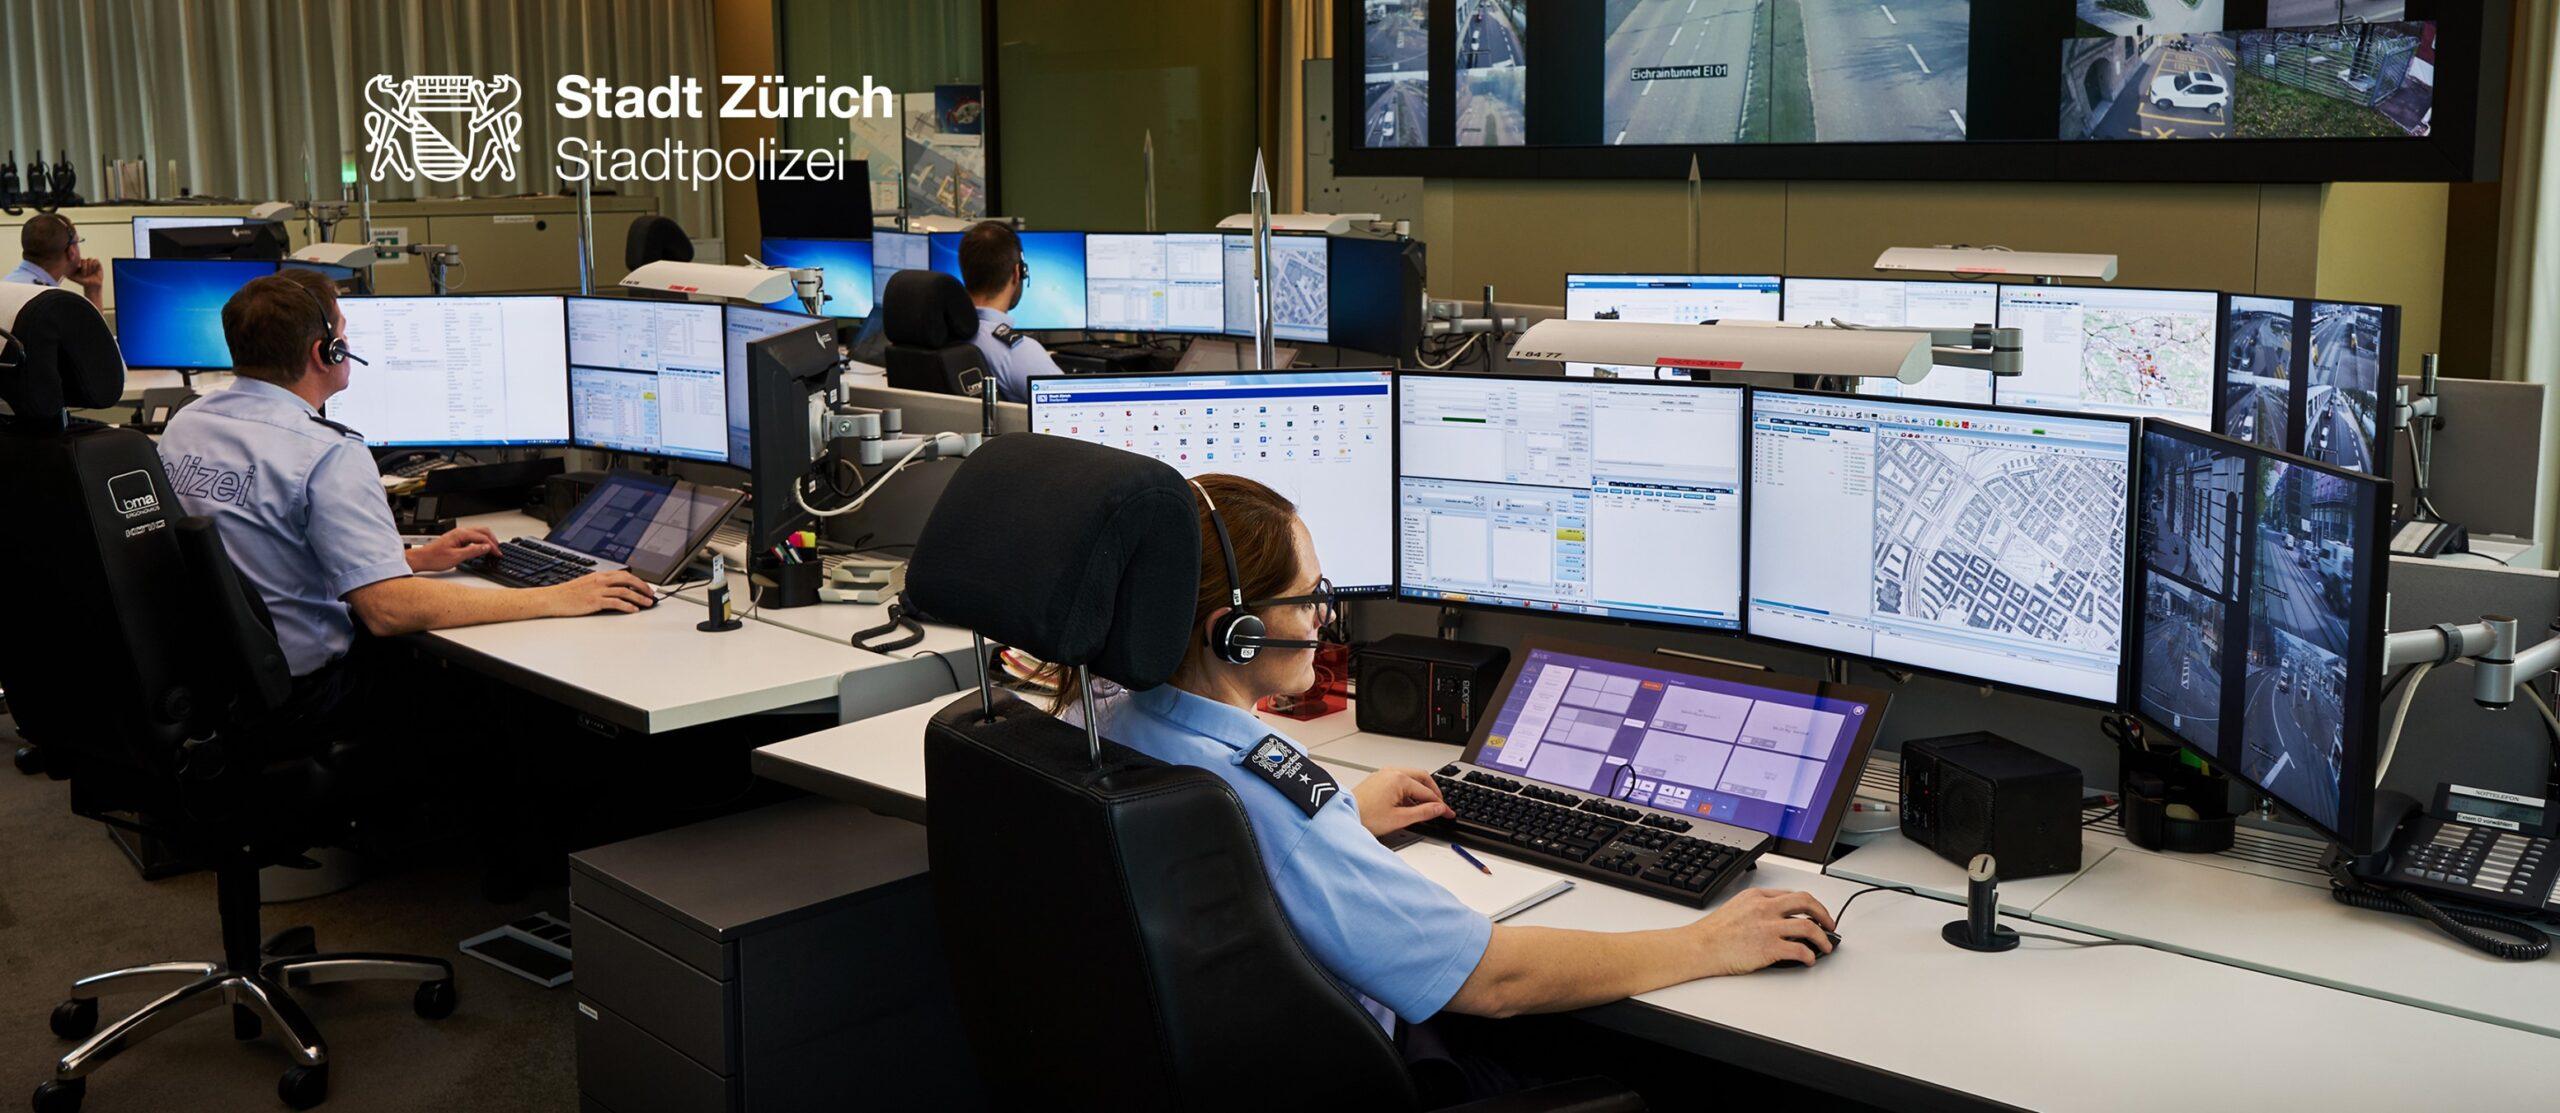 Im Stadtgebiet Zürich übernimmt die Stadtpolizei Zürich Aufgaben rund um Kriminalität, Sicherheit und Verkehr. (Bild: Stapo ZH)